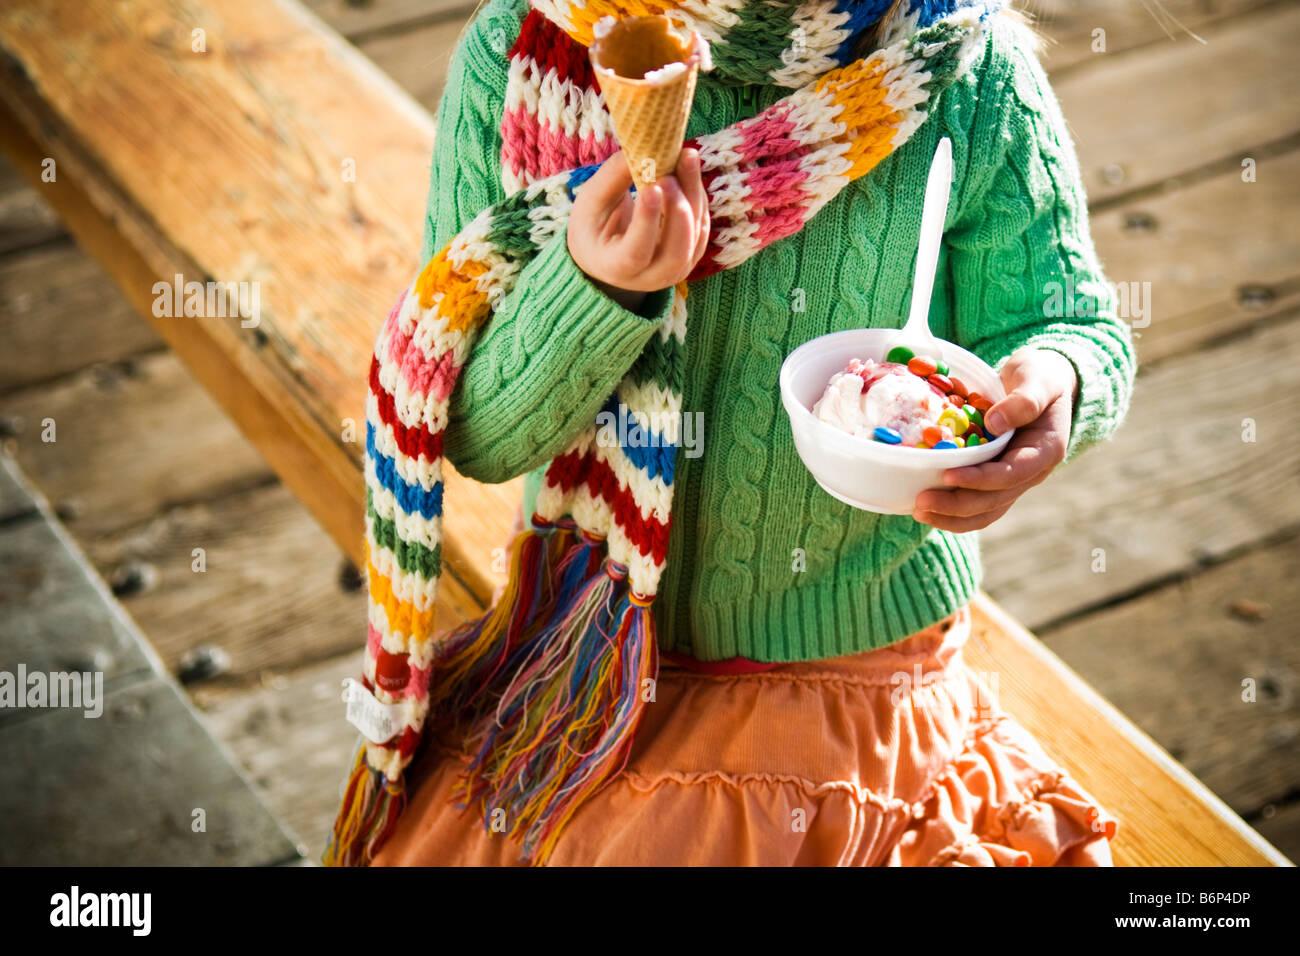 Una ragazza, 4-5 anni, gode di una coppa di gelato e m&m's in una fredda giornata. Foto Stock